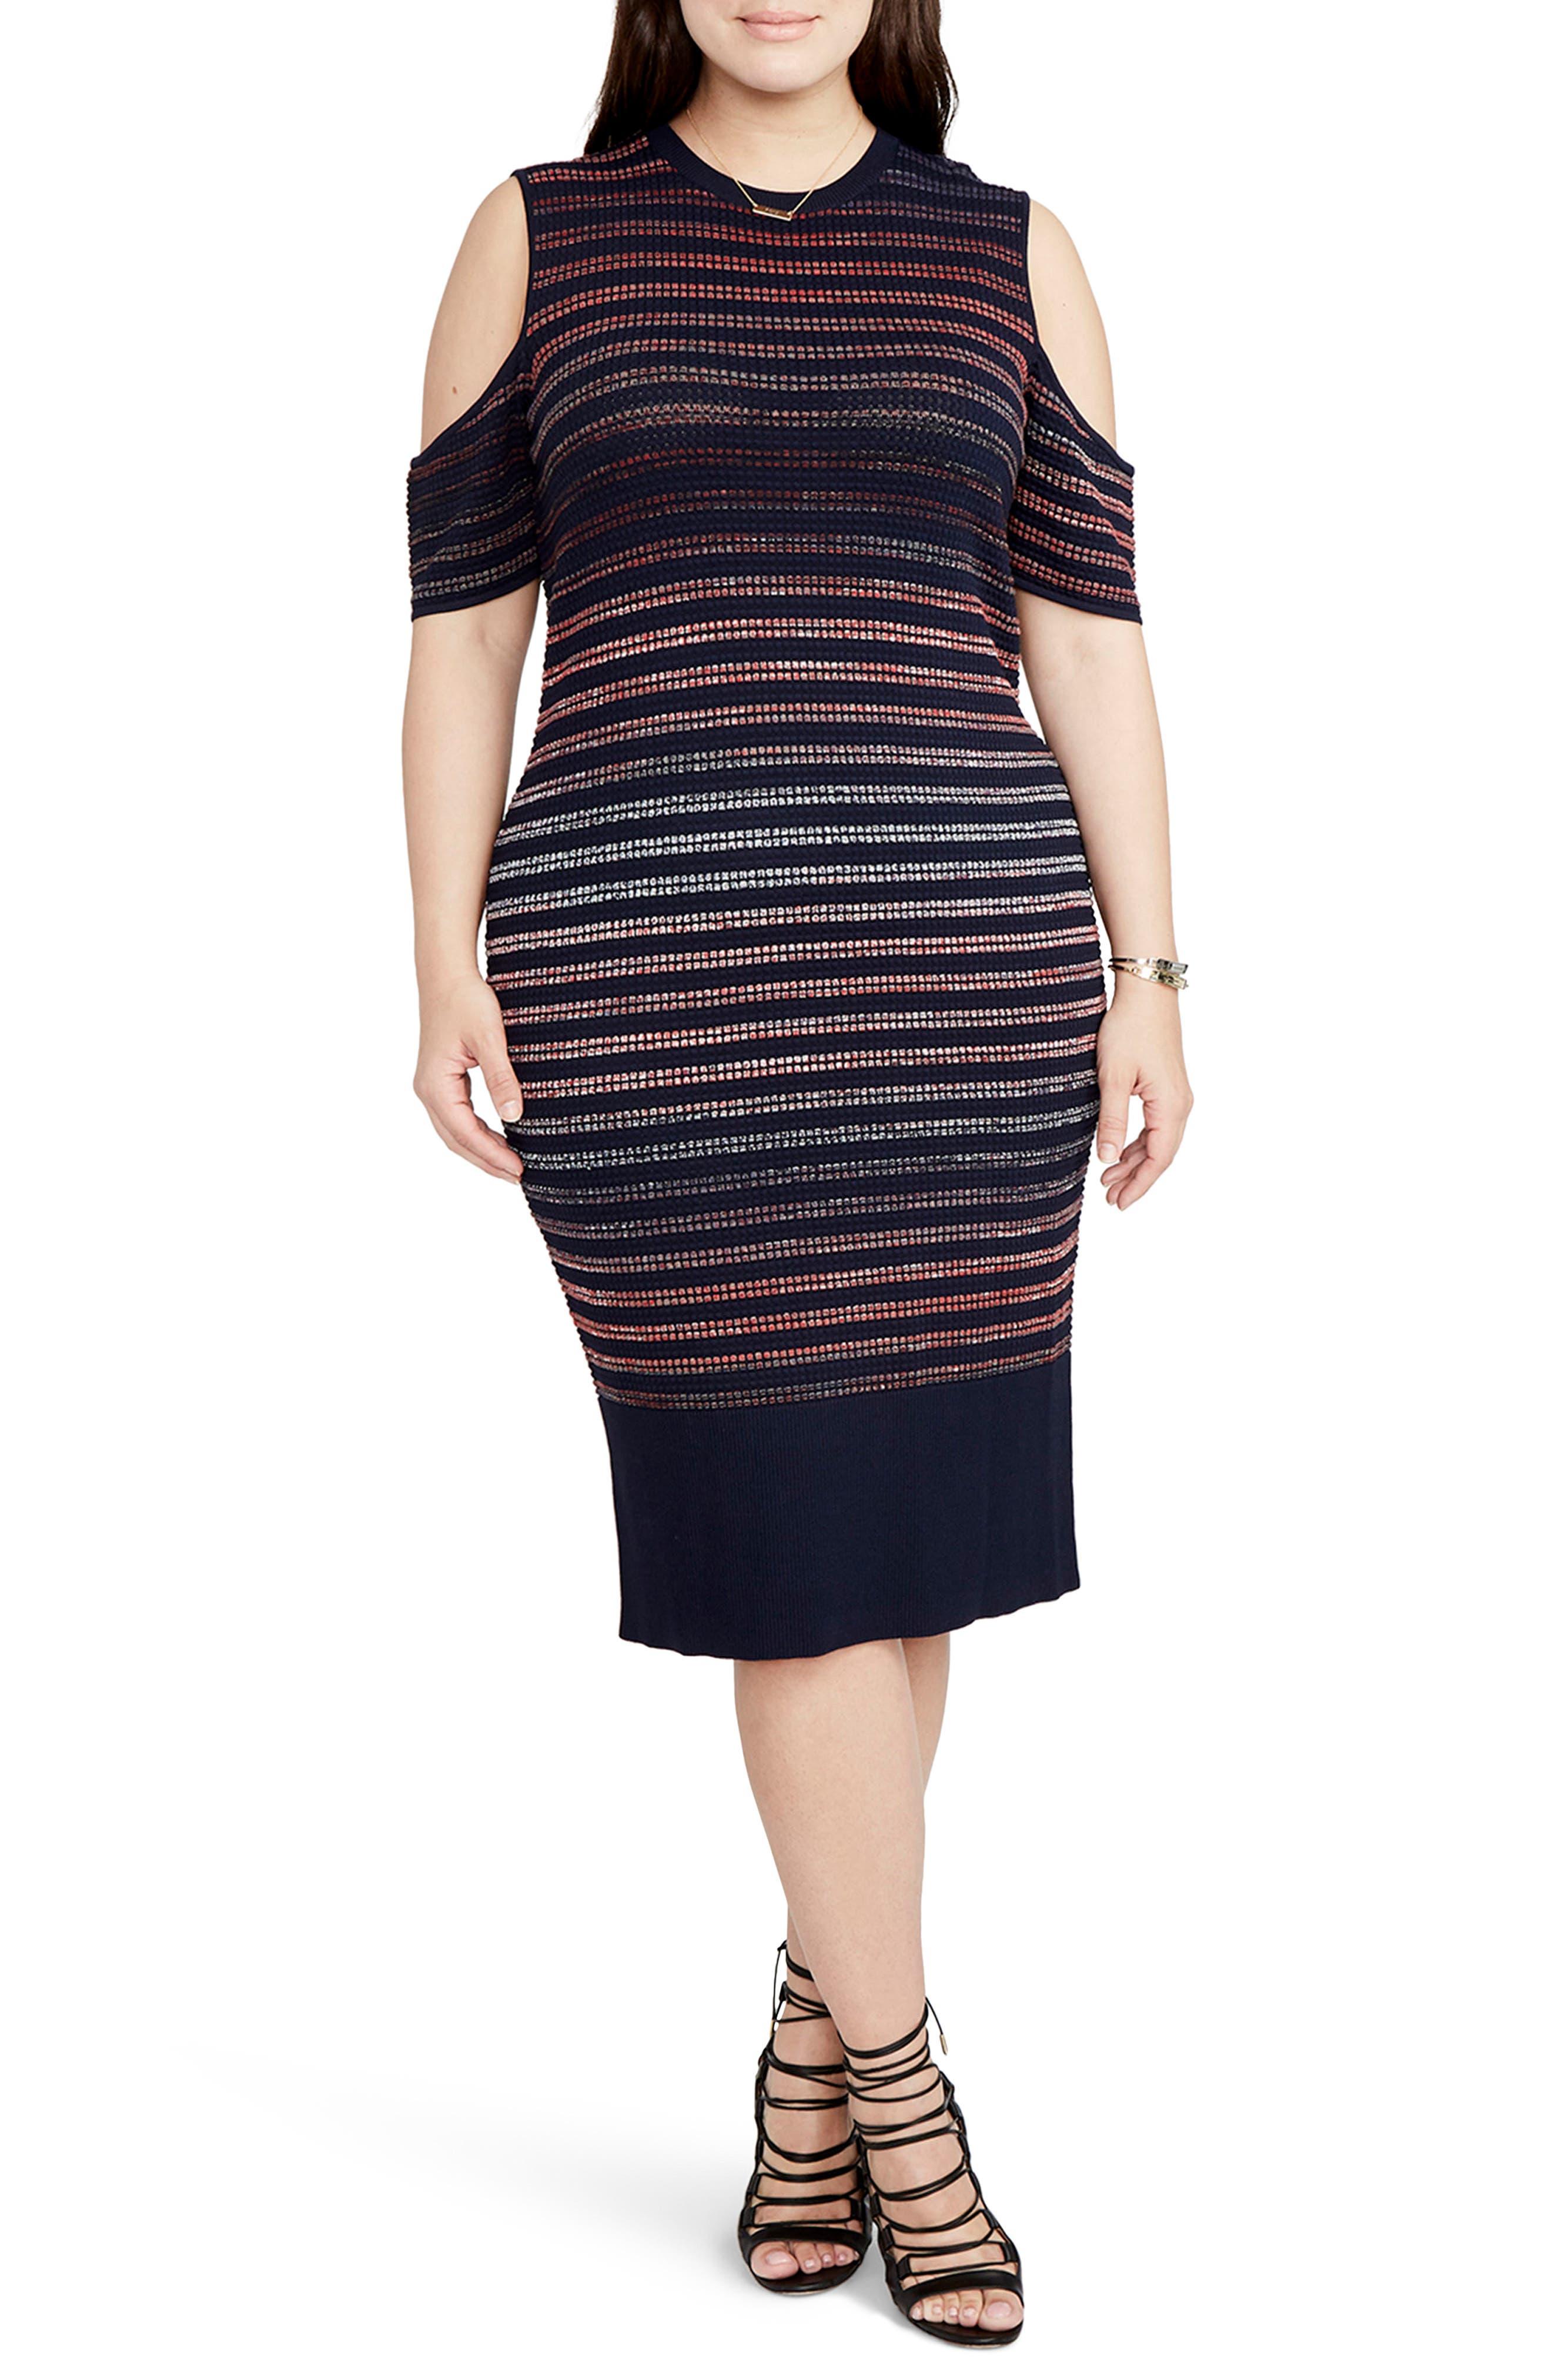 Main Image - RACHEL Rachel Roy Ombré Stripe Cold Shoulder Sweater Dress (Plus Size)